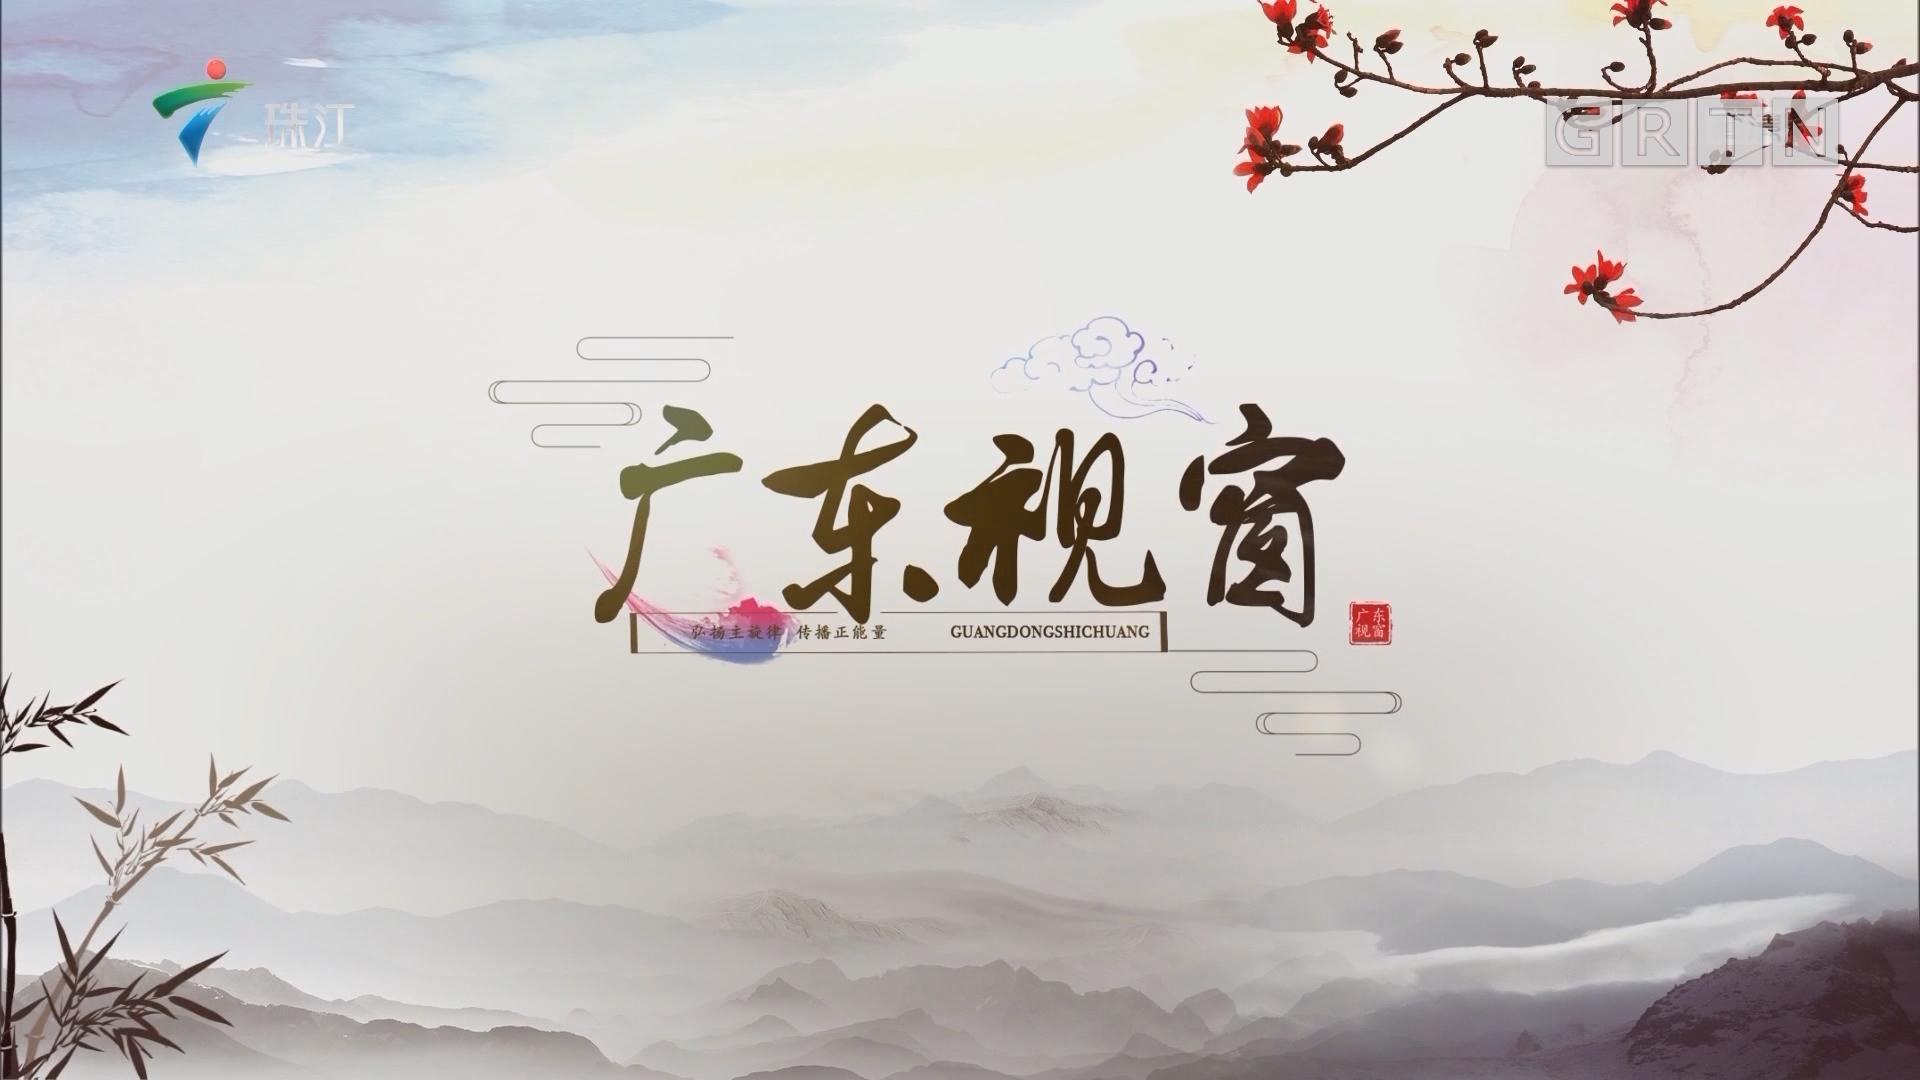 """[HD][2019-07-27]广东视窗:汕尾:坚持""""红色村""""扛旗引路 立标竖杆"""